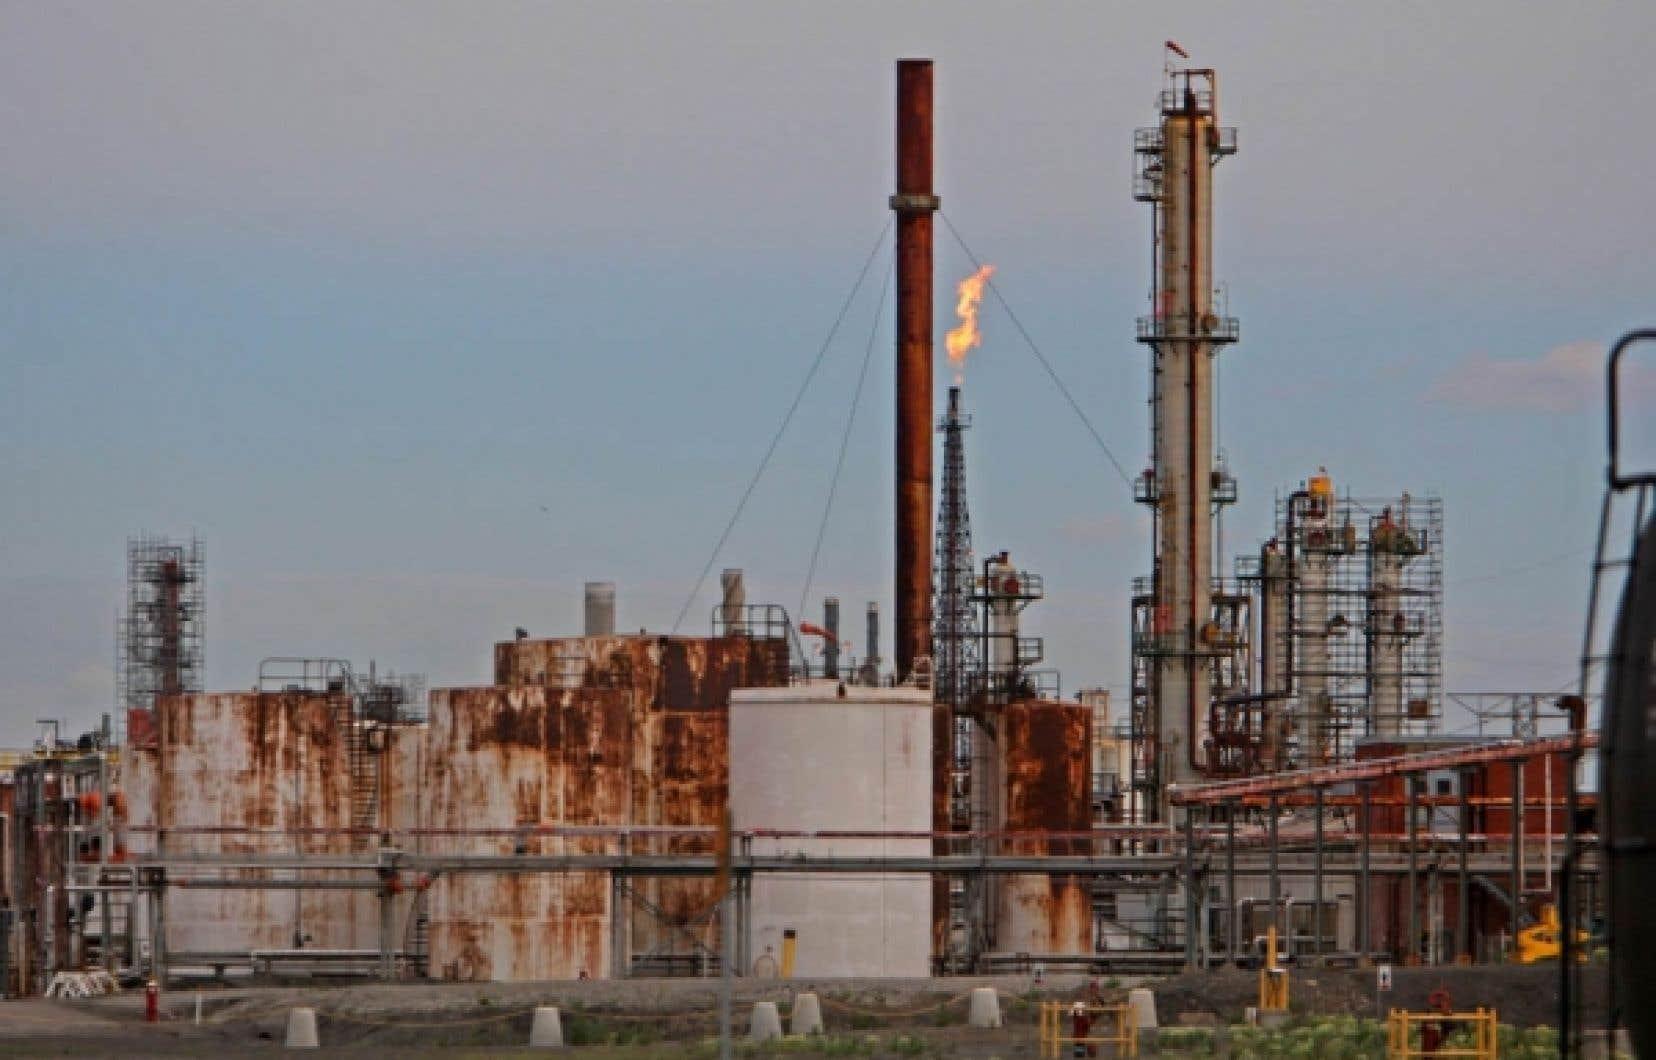 La raffinerie Shell de Montréal-Est, mise en vente en juillet dernier par Royal Dutch Shell, traite 130 000 barils. Elle emploie 550 personnes, dont 350 syndiqués.